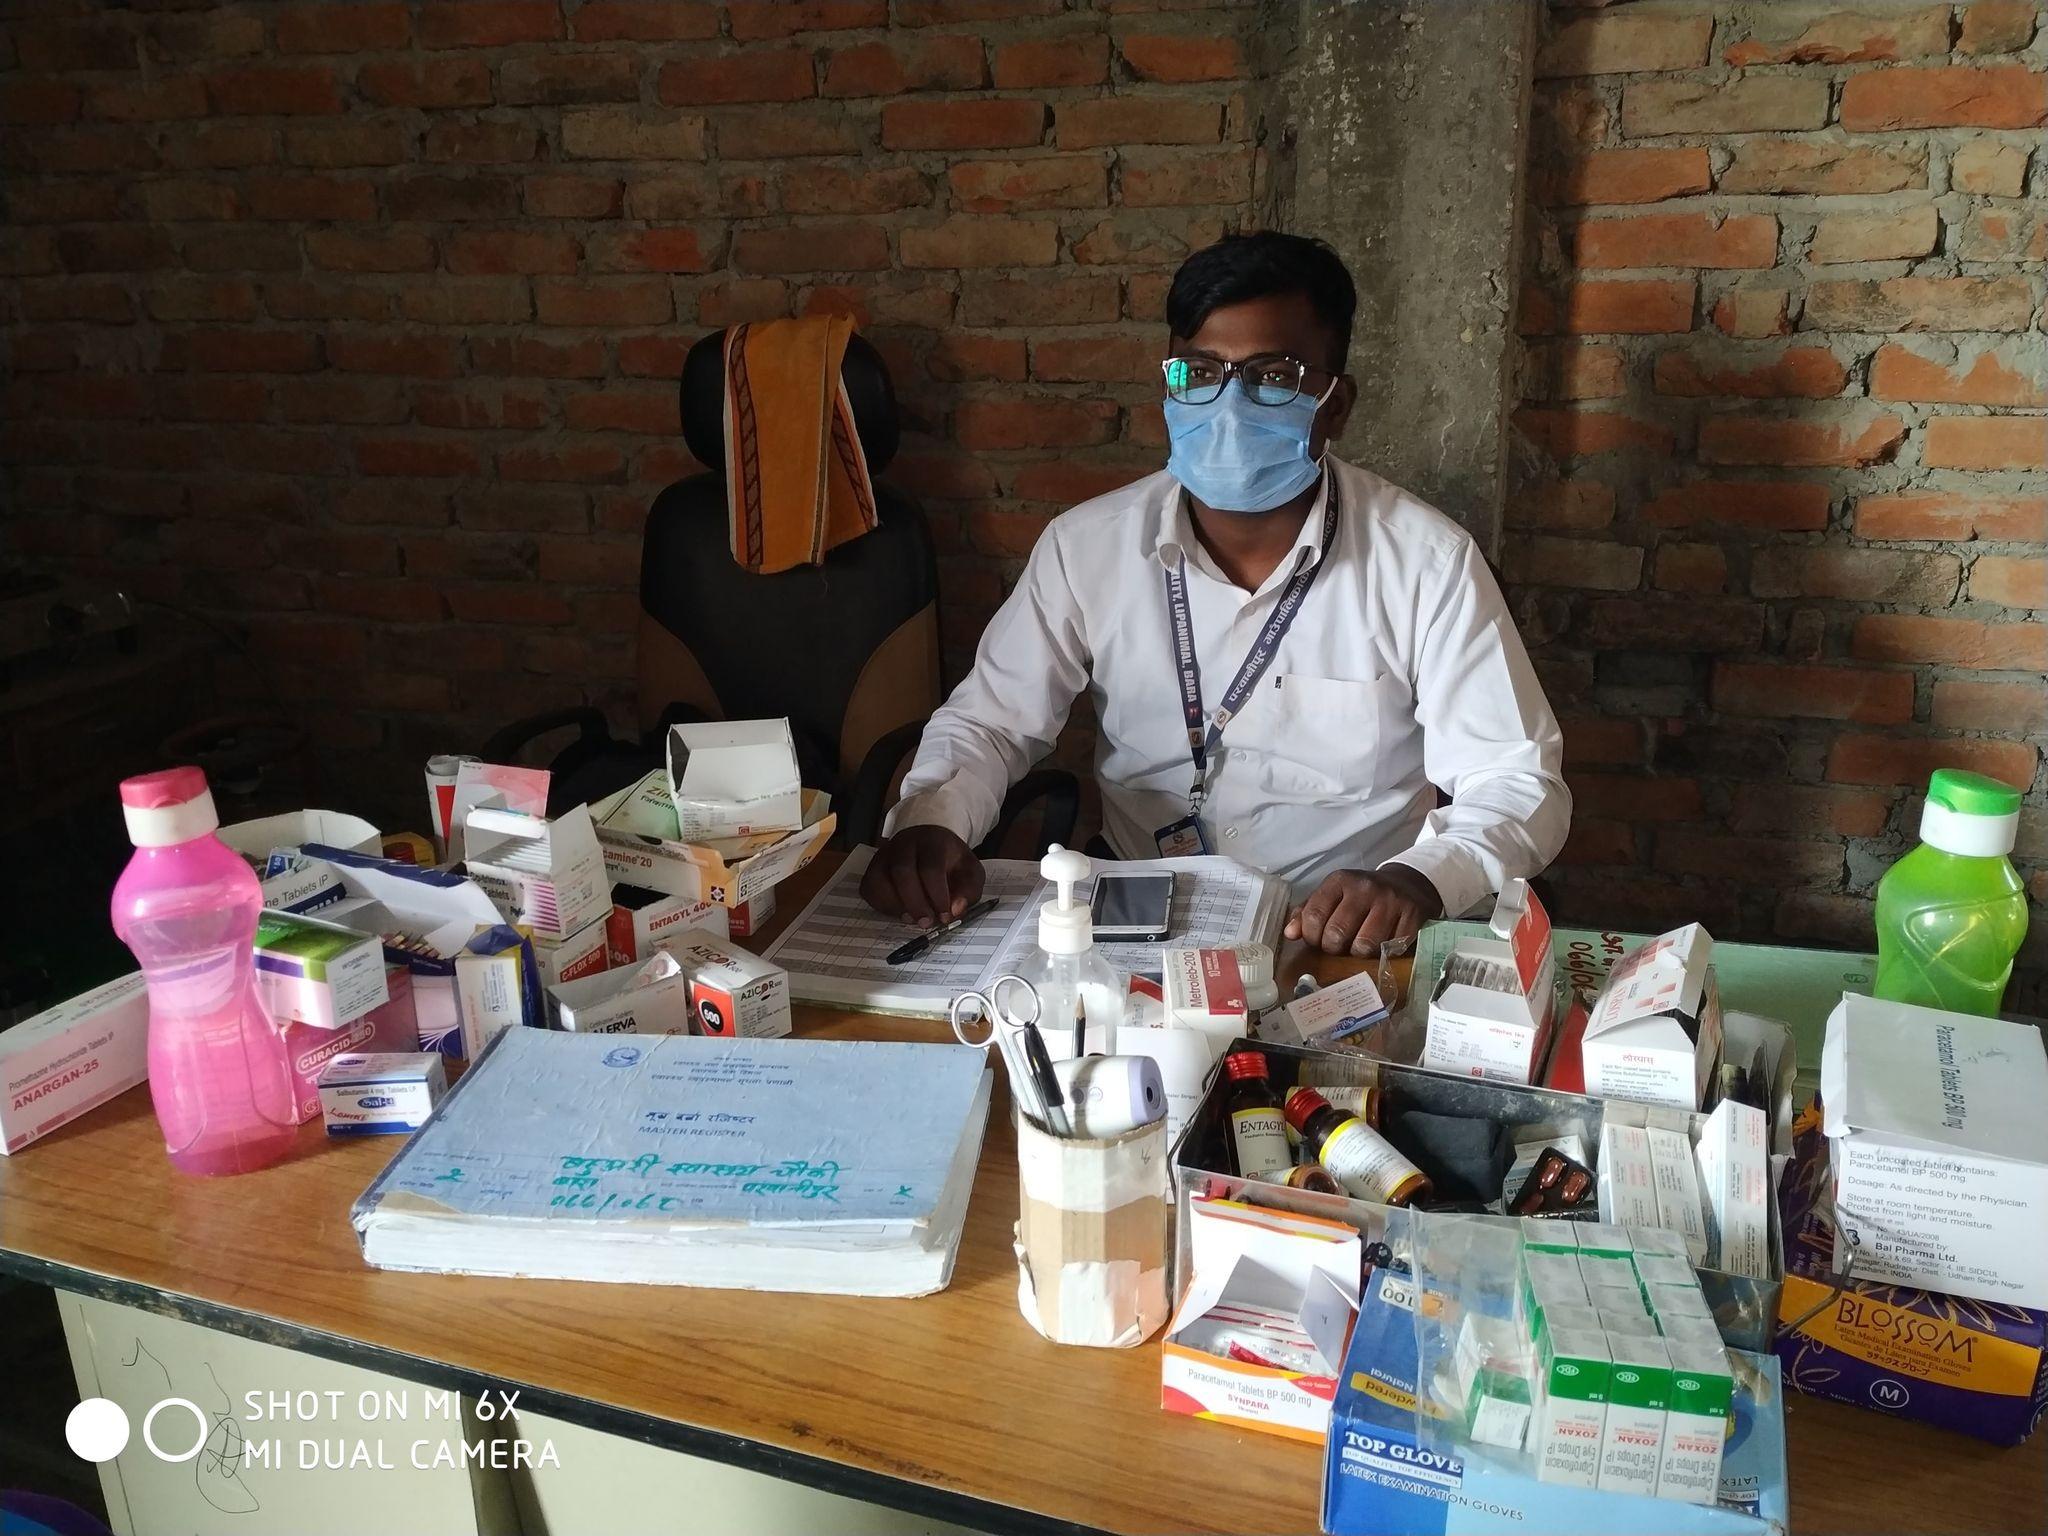 बहु्अरी स्वास्थ्य चौकीको भवन मर्मत सम्भार नहुदा स्वास्थ्य सेवा प्रवाहमा समस्या